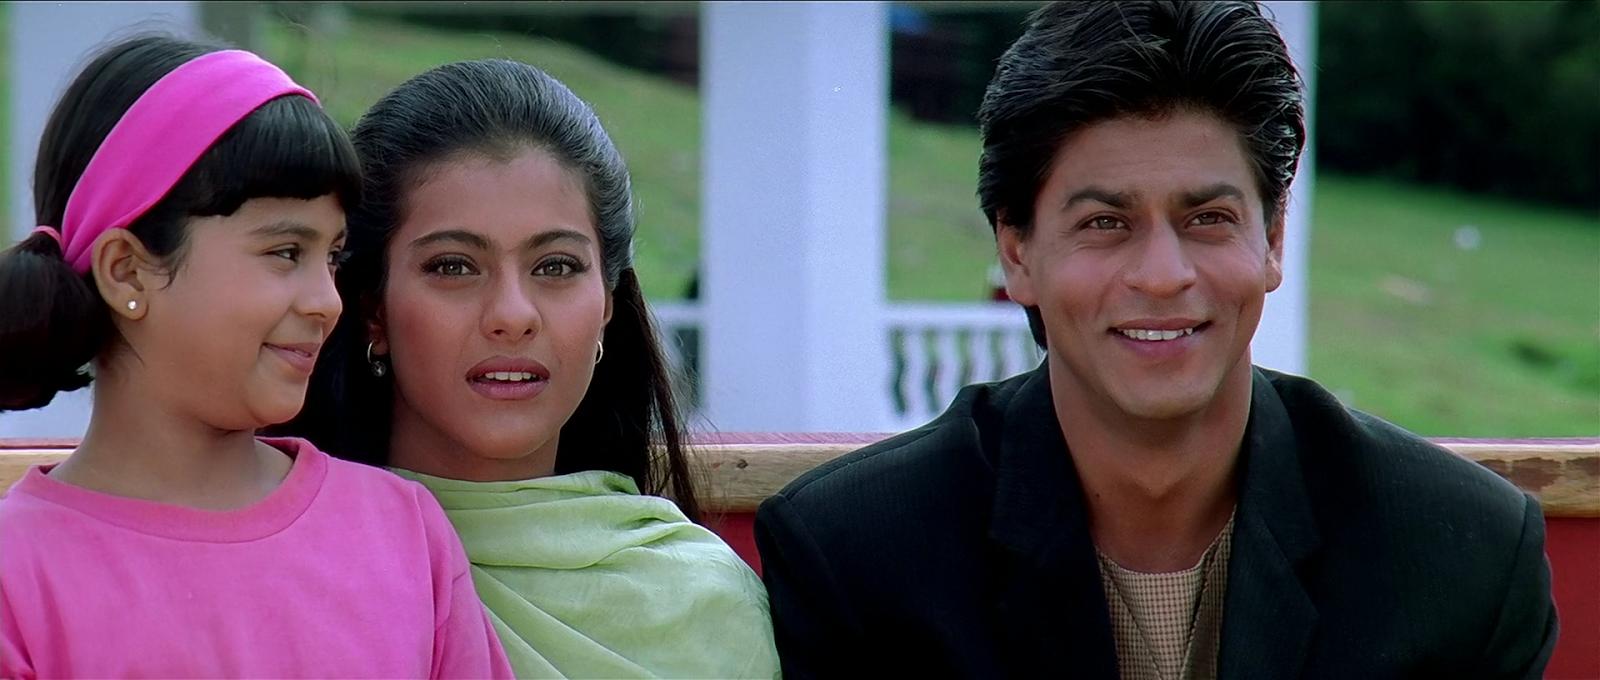 Смотреть онлайн фильм ты придешь индийский фильм 7